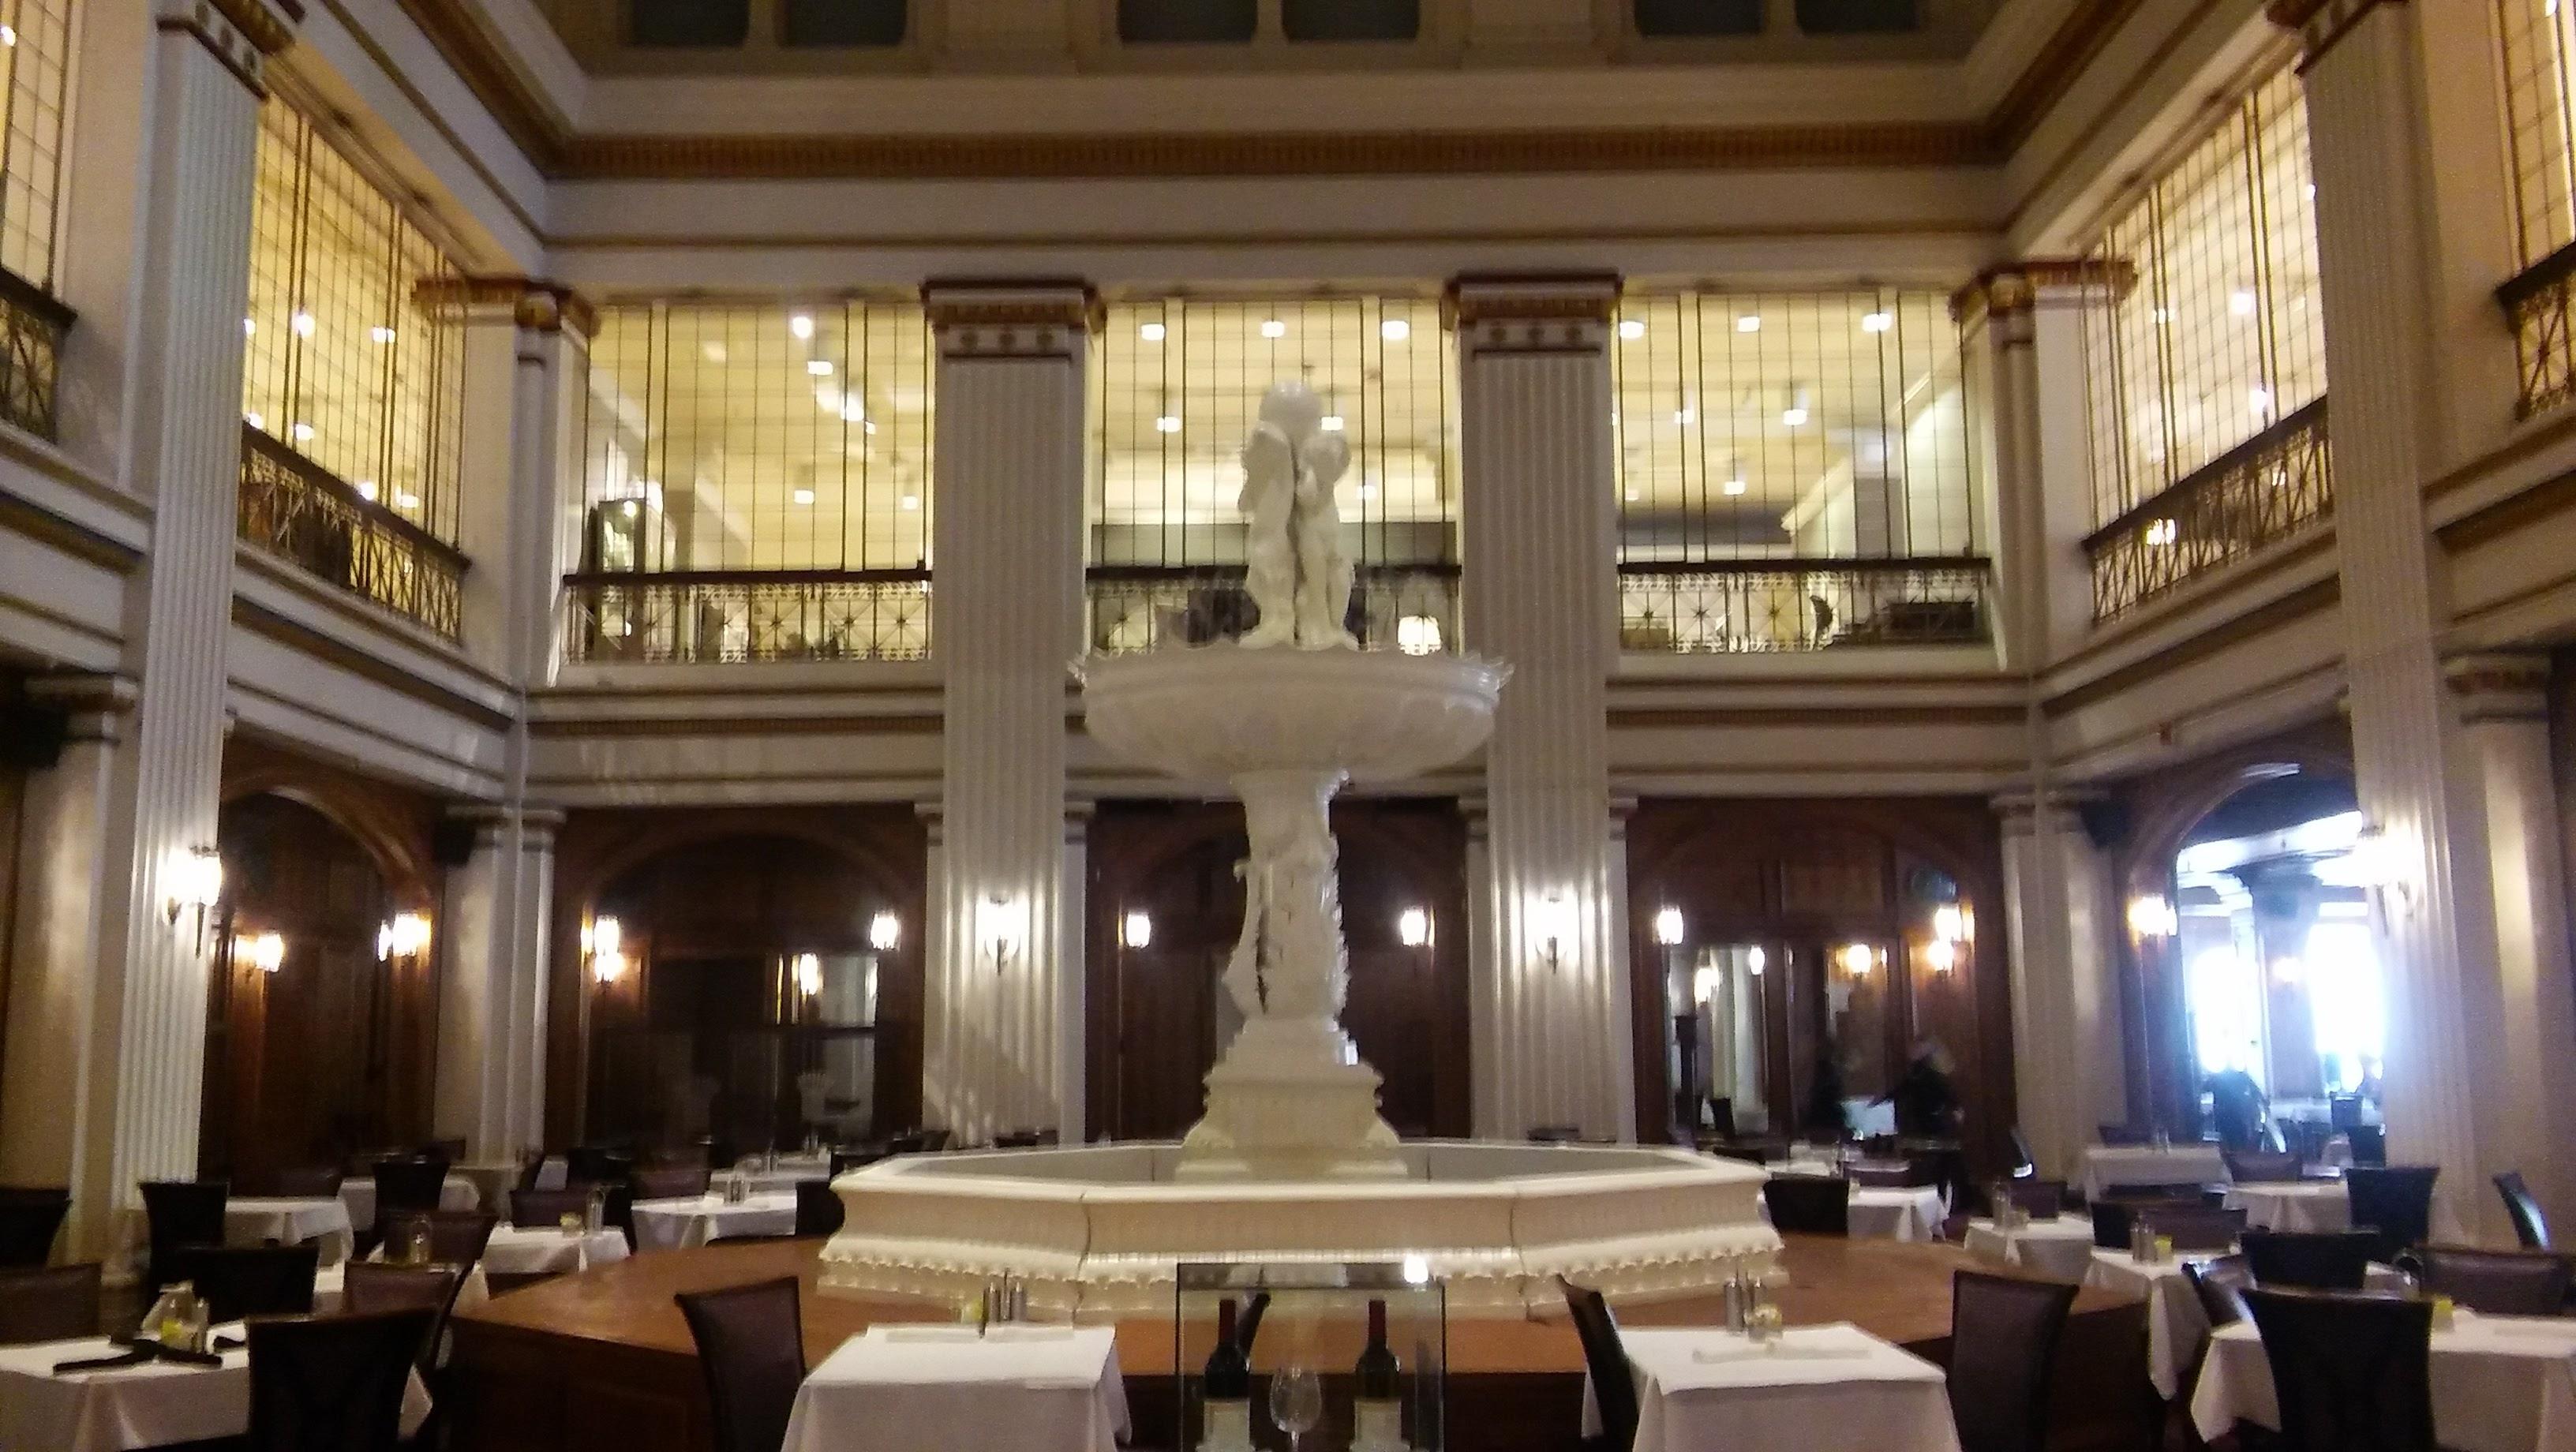 The Lobby of the Walnut Room